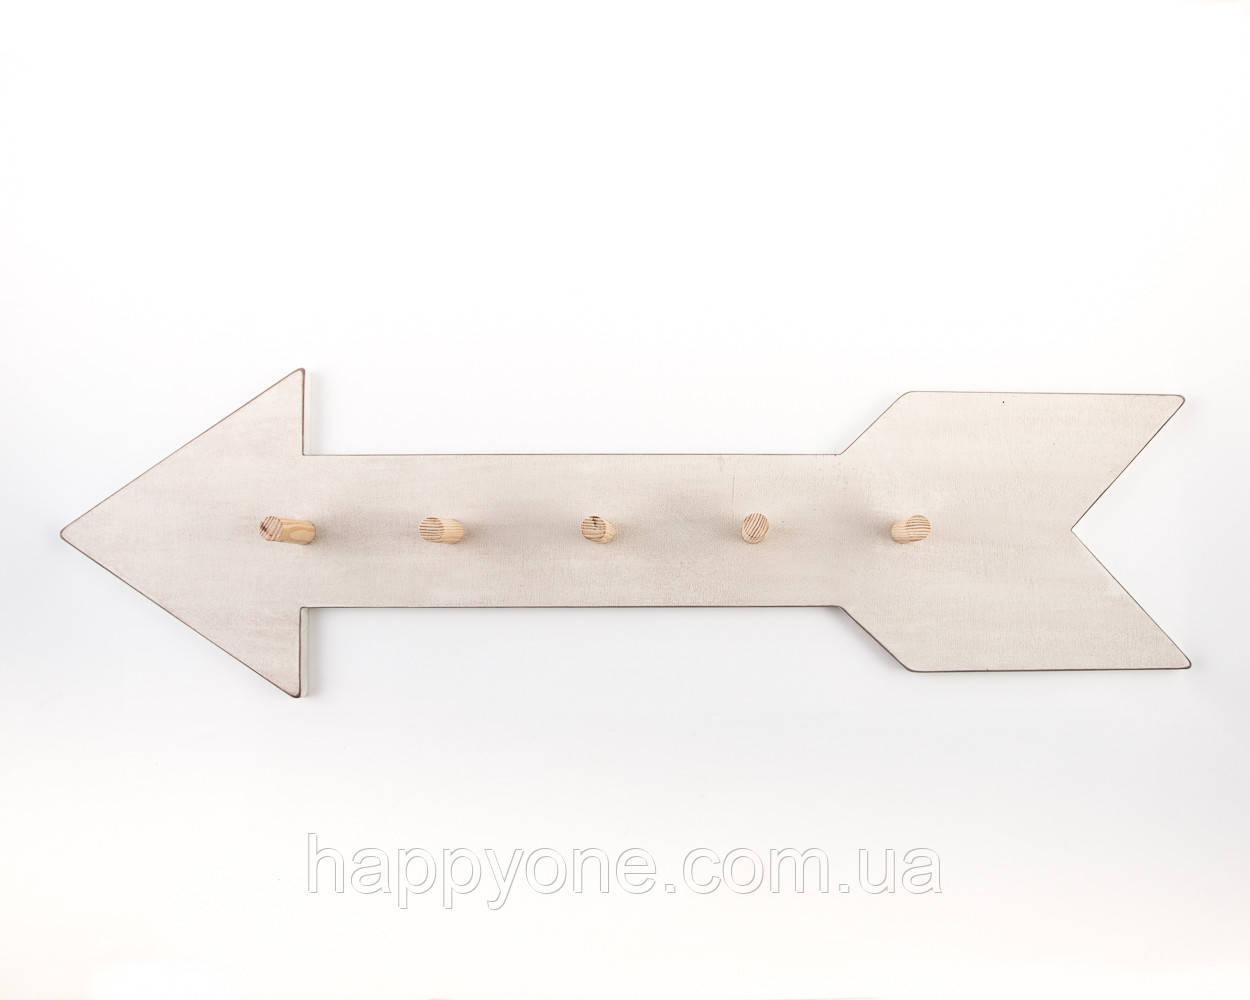 Настенная вешалка для одежды Стрела (светлая)